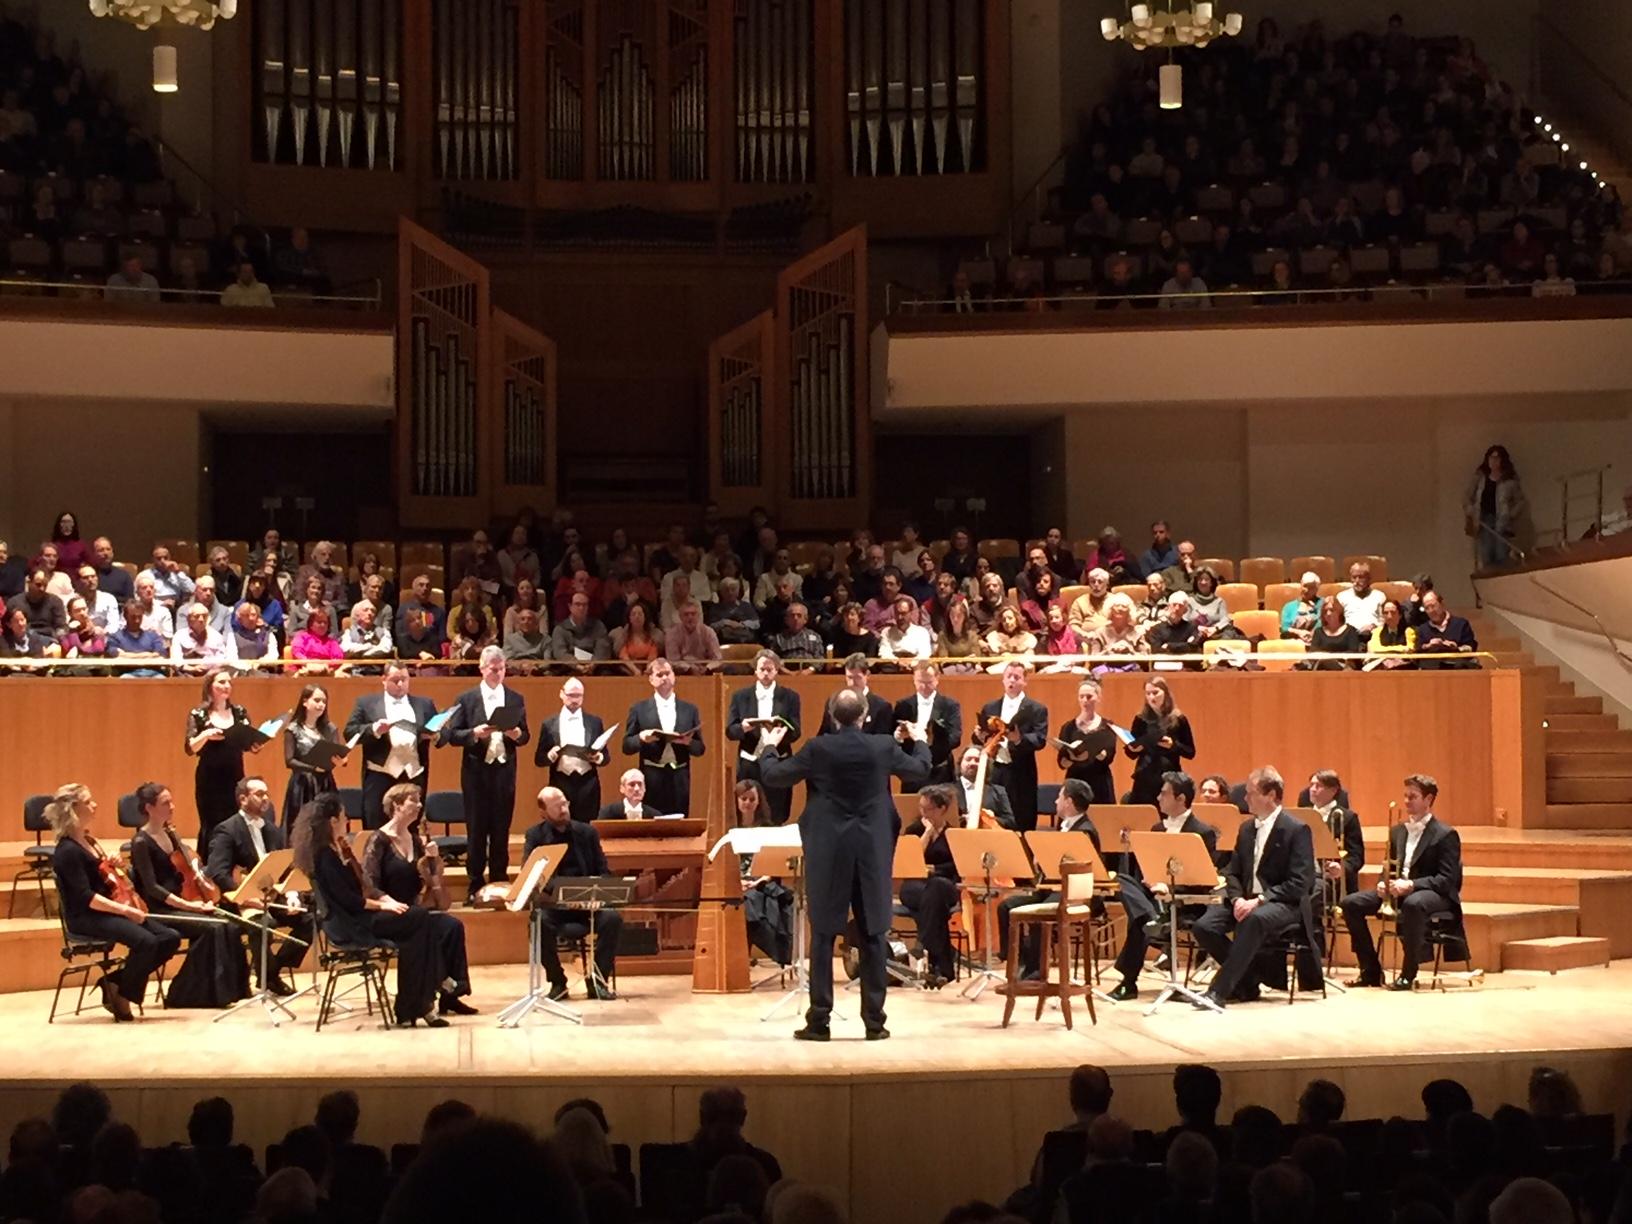 Orquesta Joven de Extremadura: ¡Son formidables!